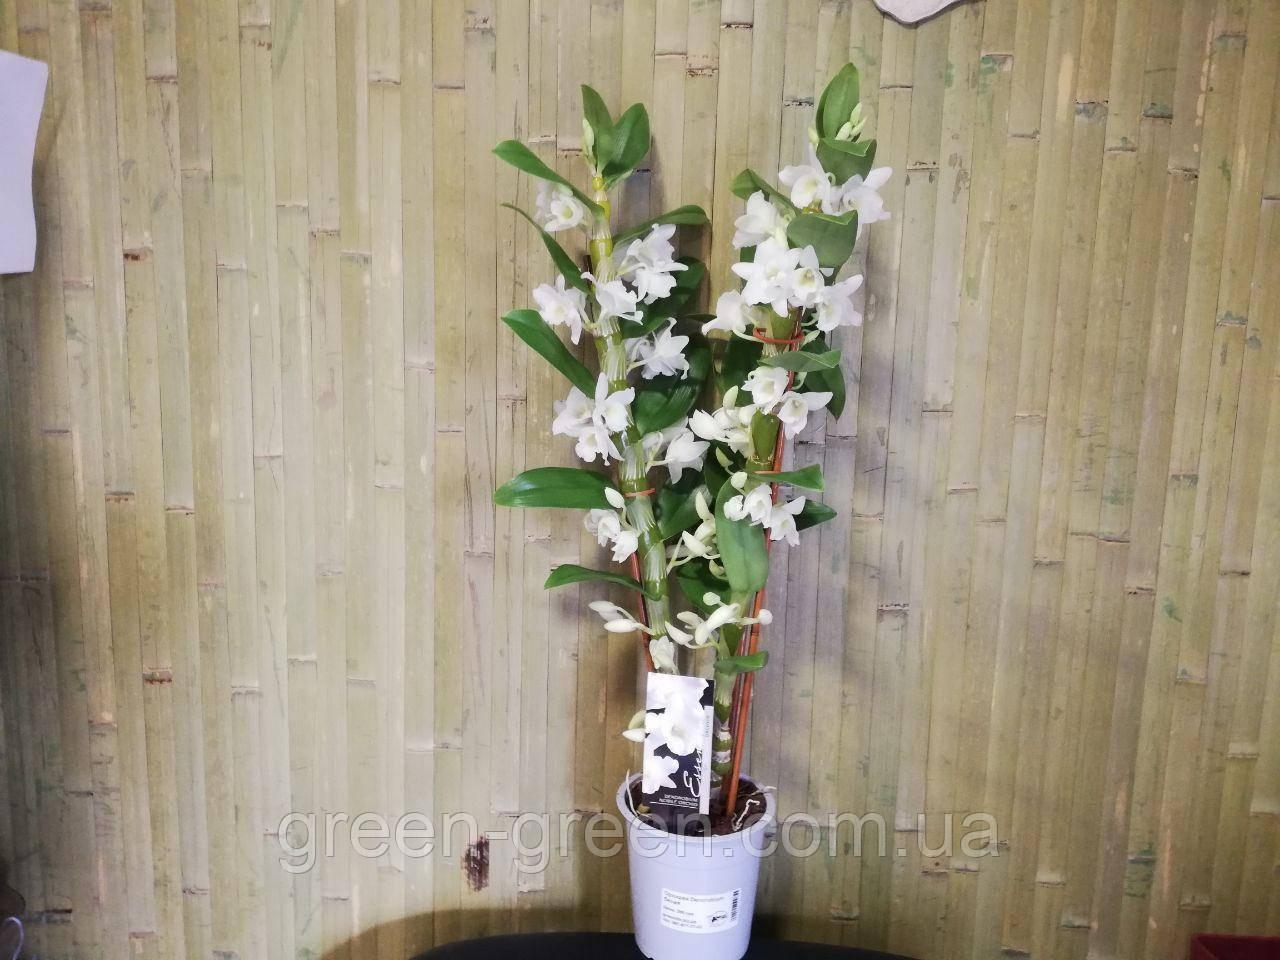 Орхидея Dendrobium белый (не цветущая)